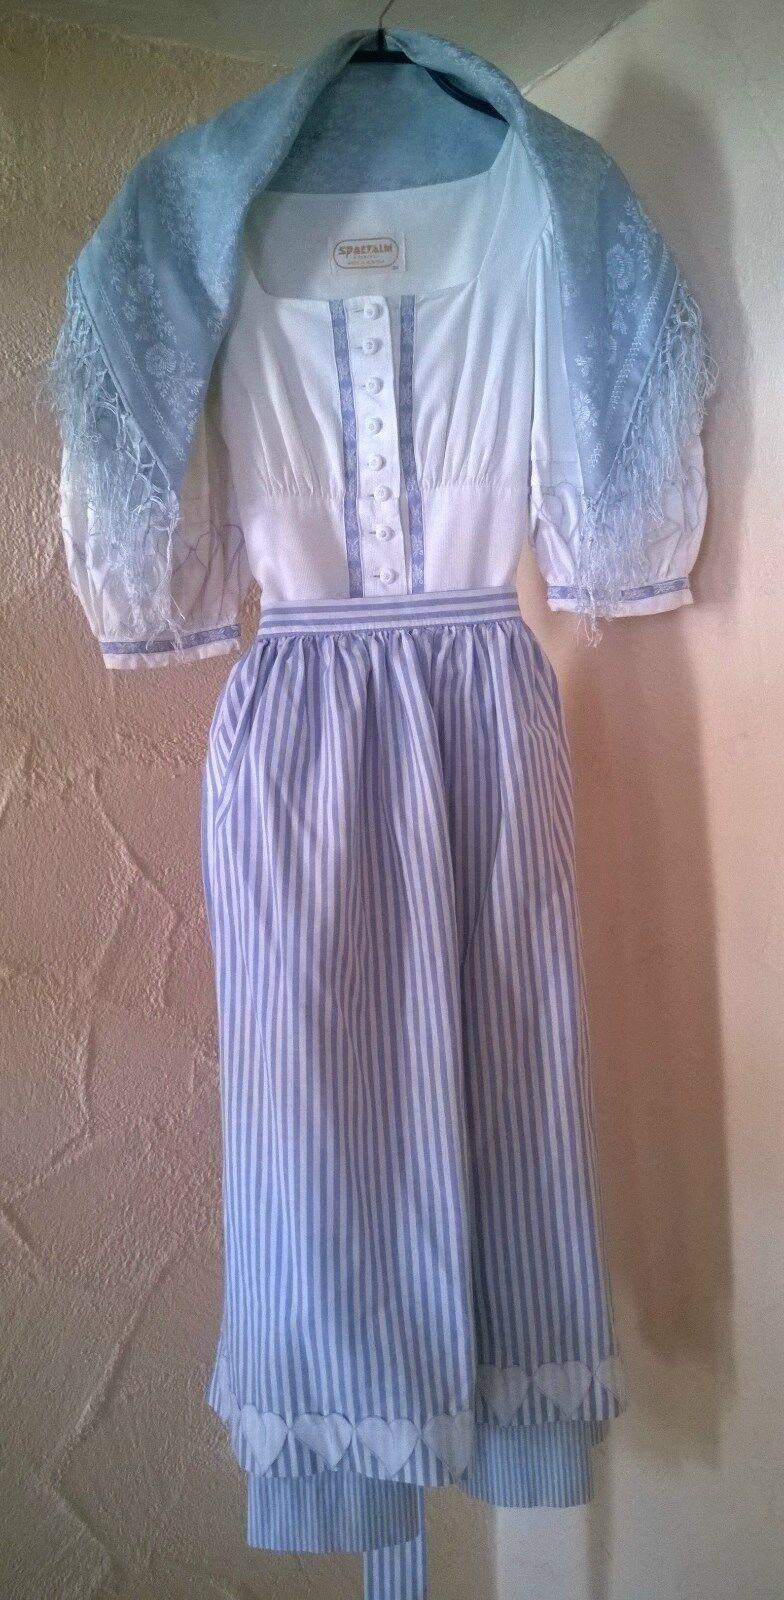 Original SPORTALM du Taille 34 1x seuleHommest porté avec tablier et foulard